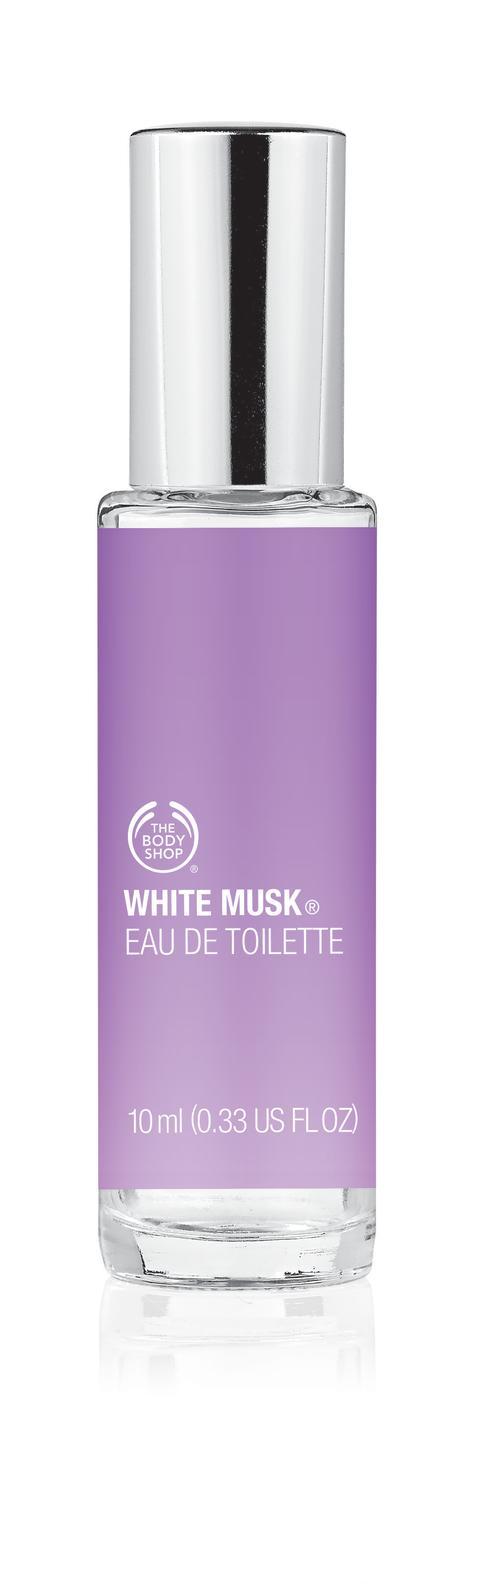 White Musk Mini EdT